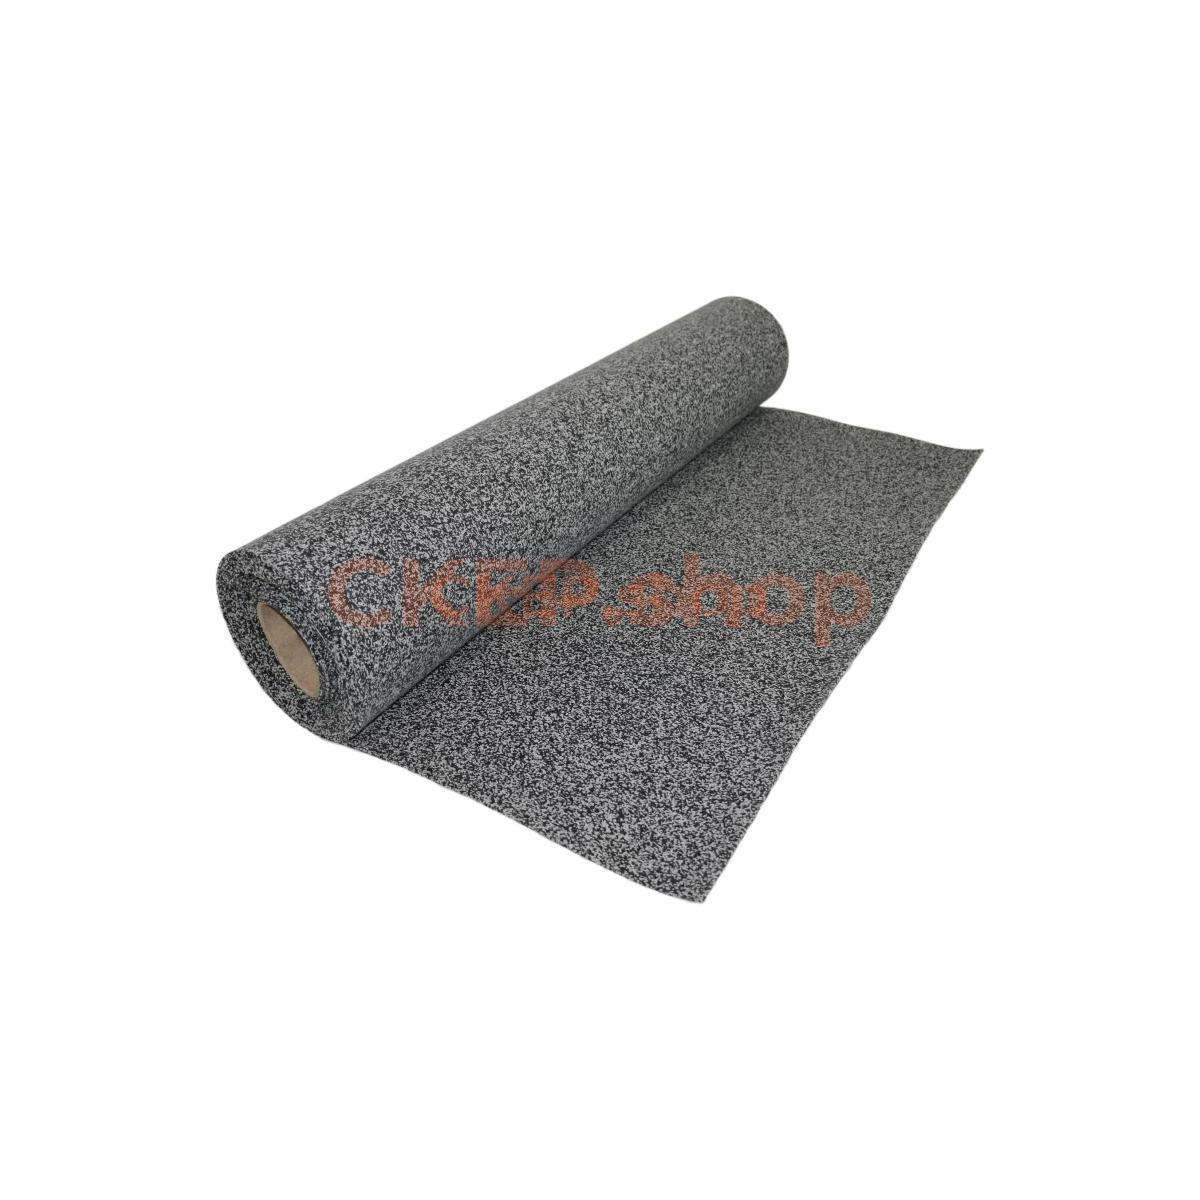 Резиновое покрытие в рулоне серое для крыльца